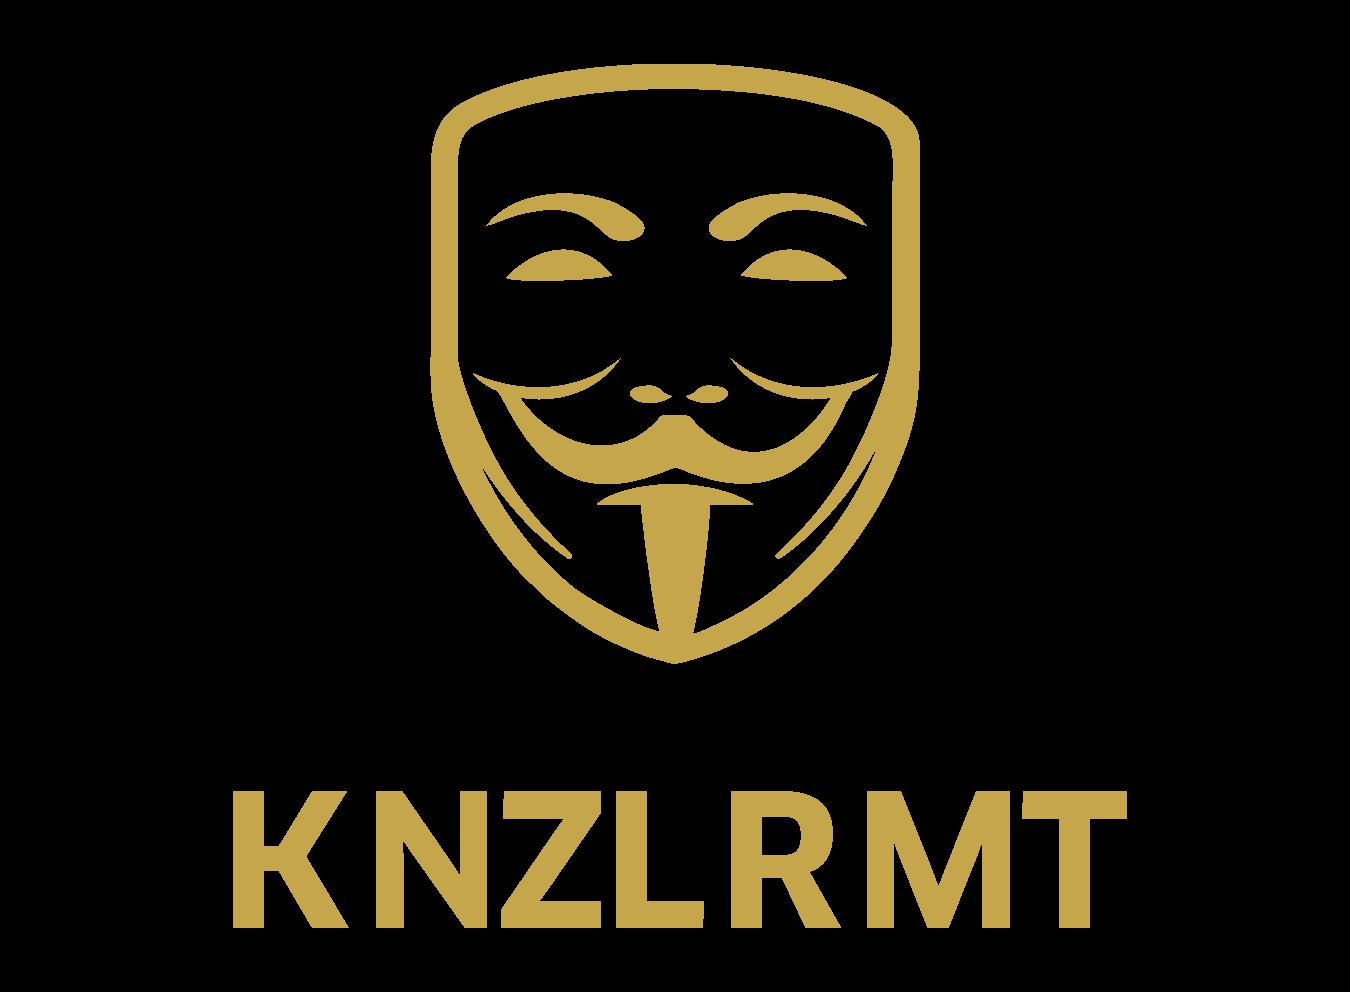 KNZLRMT